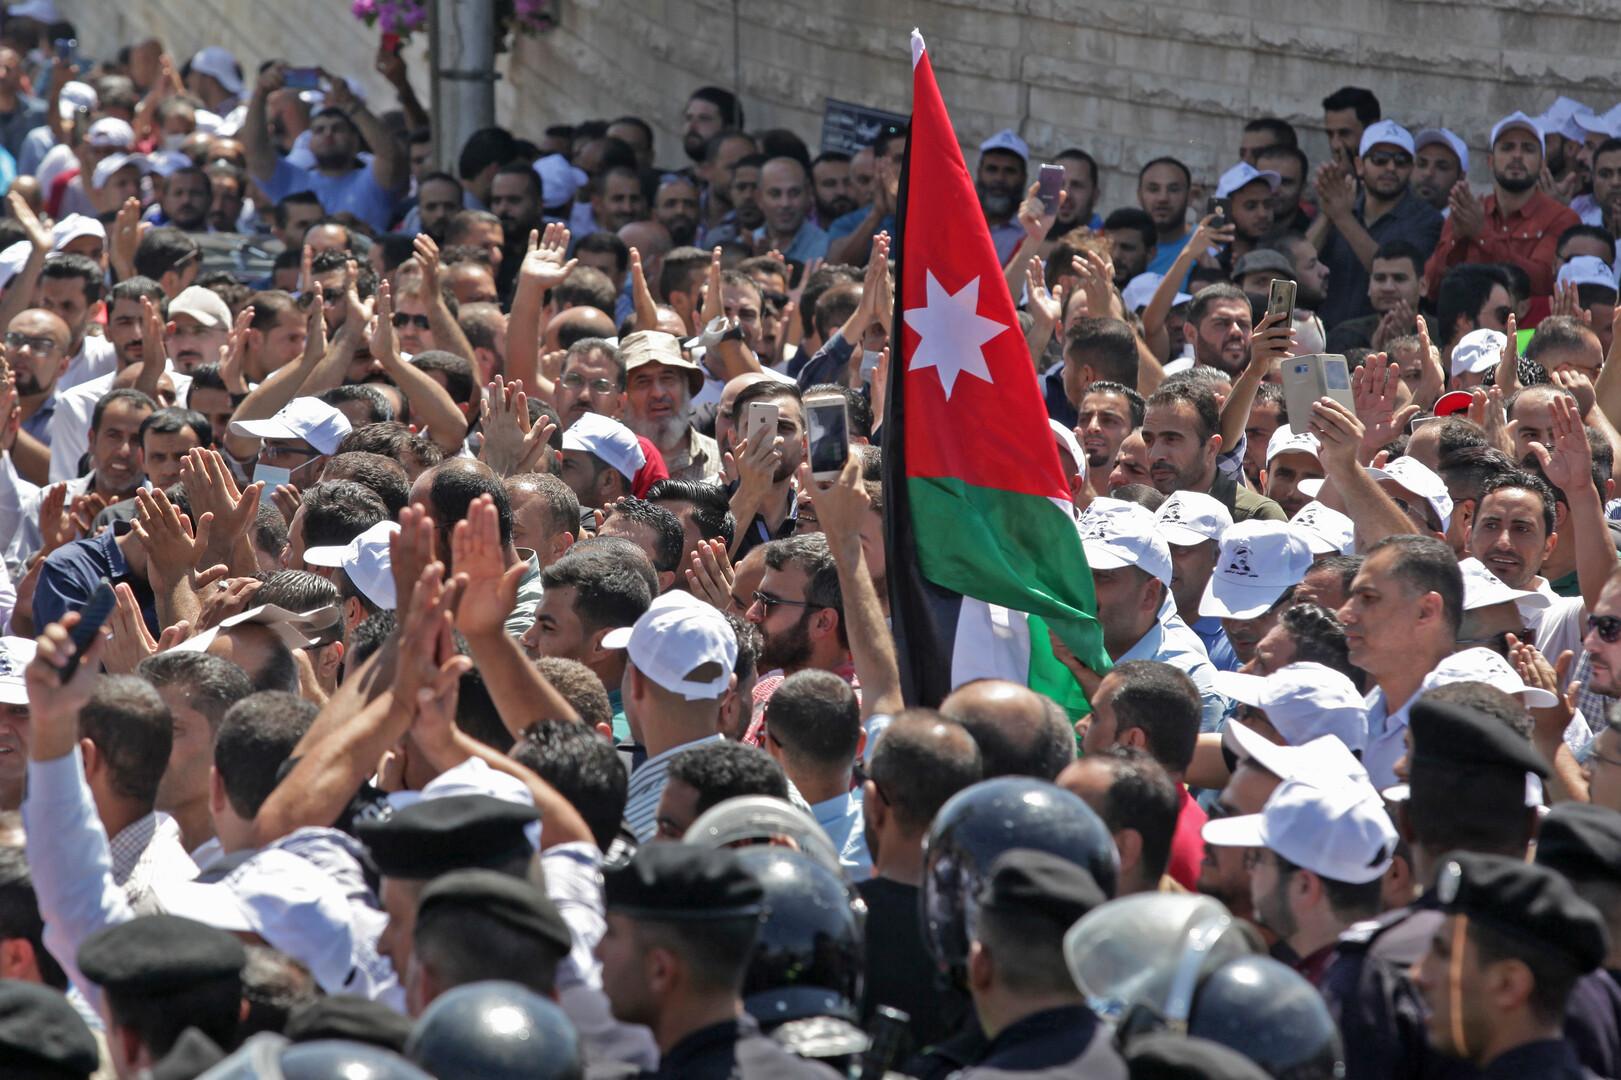 نقابة المعلمين الأردنيين: بيان الرزاز مخيب للآمال وموعد الإضراب دون تغيير